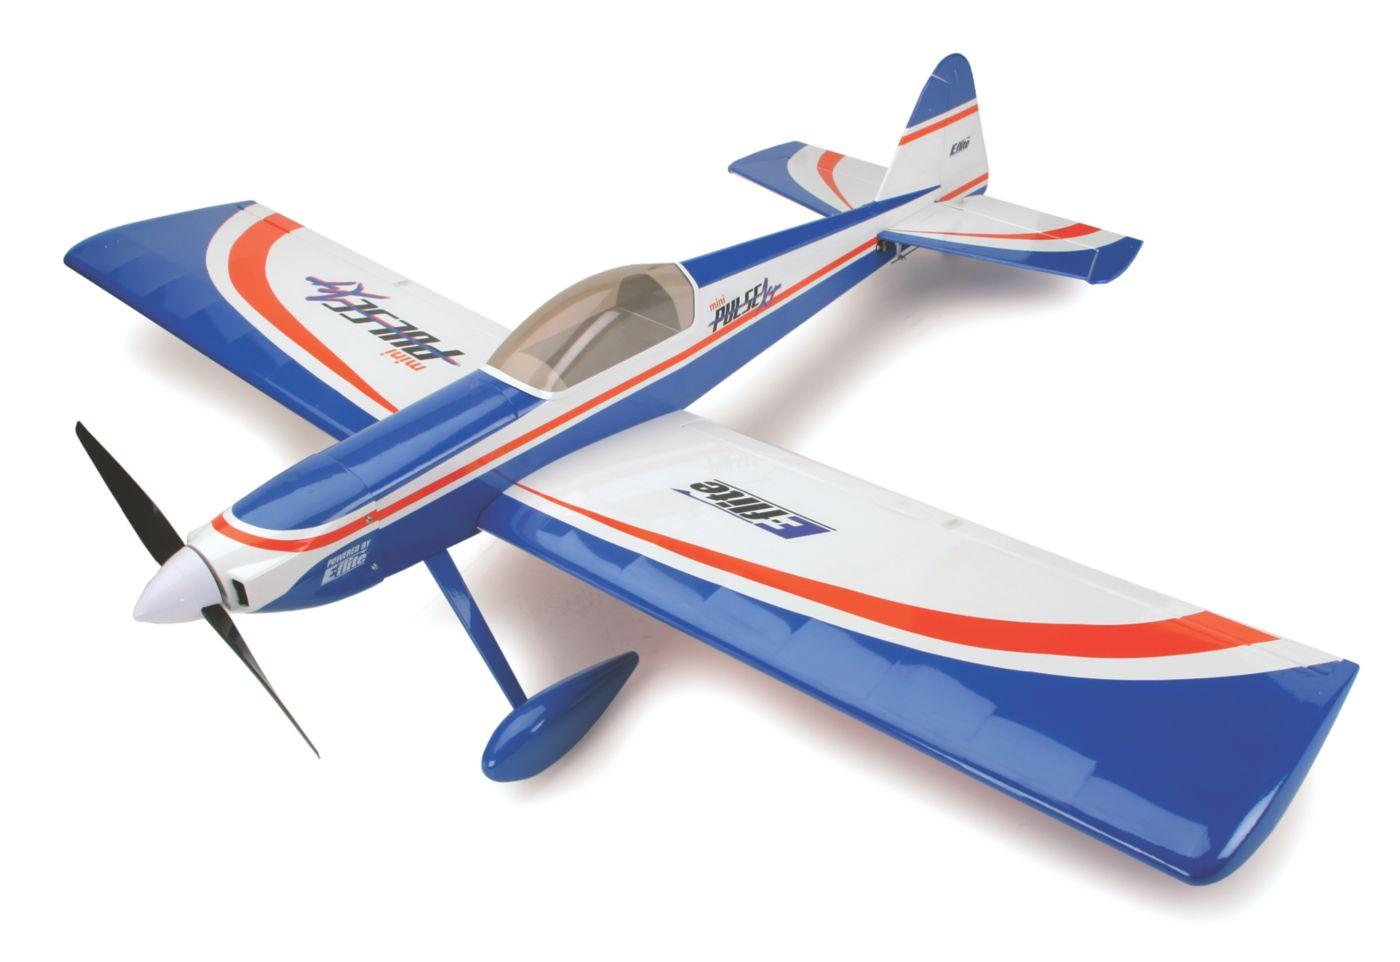 Рисунок пилотажного самол та 6